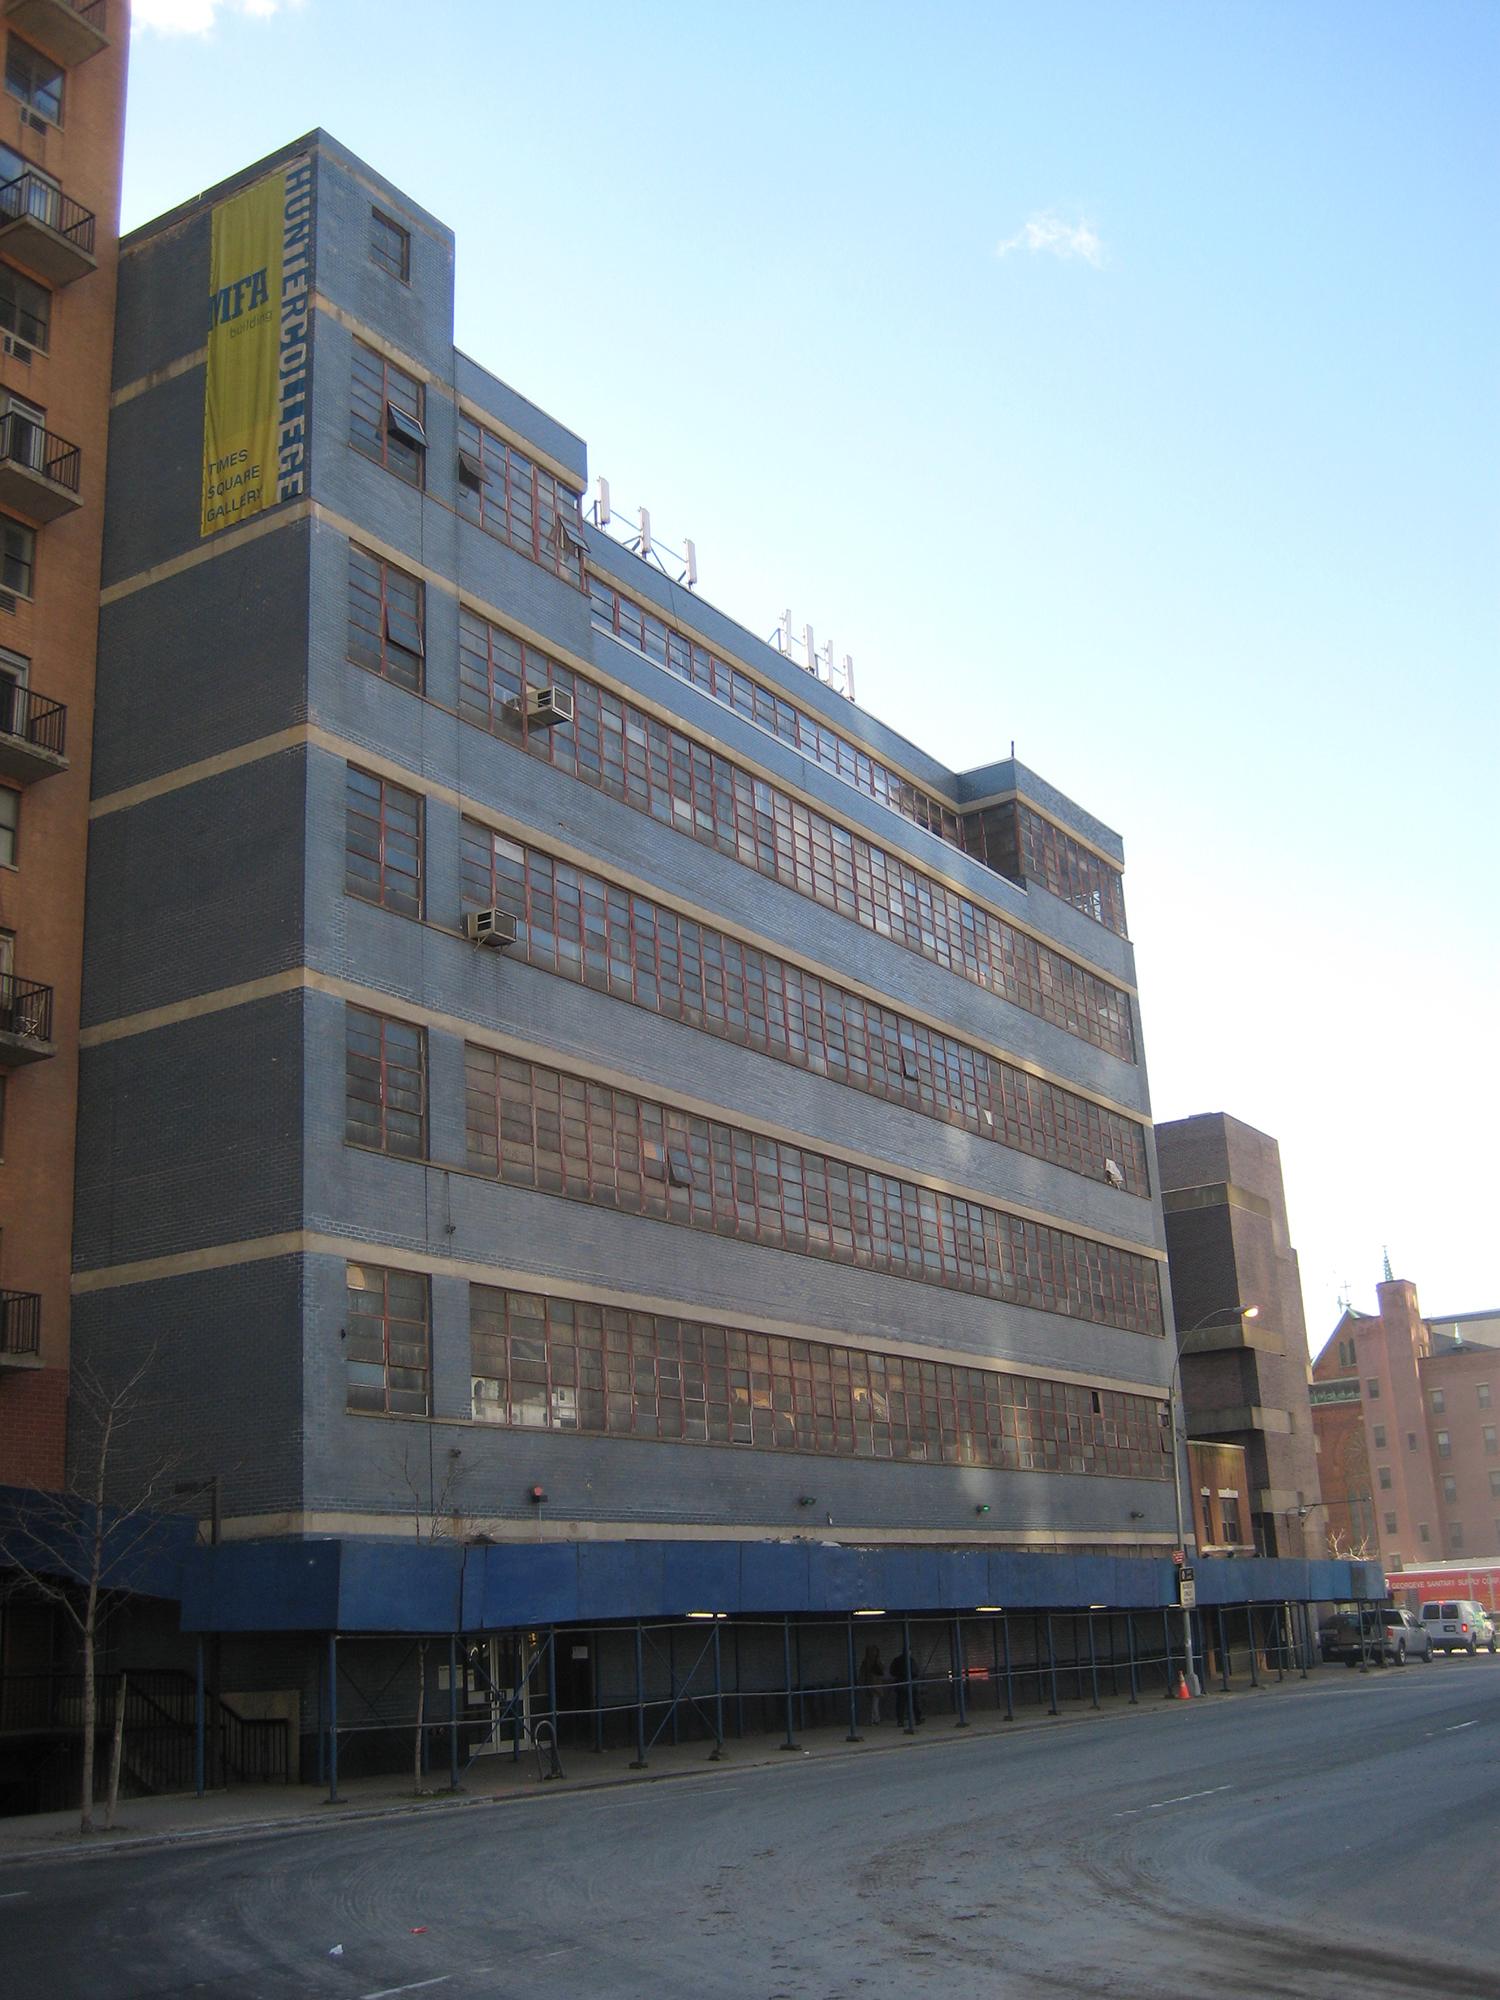 01 MFA front facade.jpg